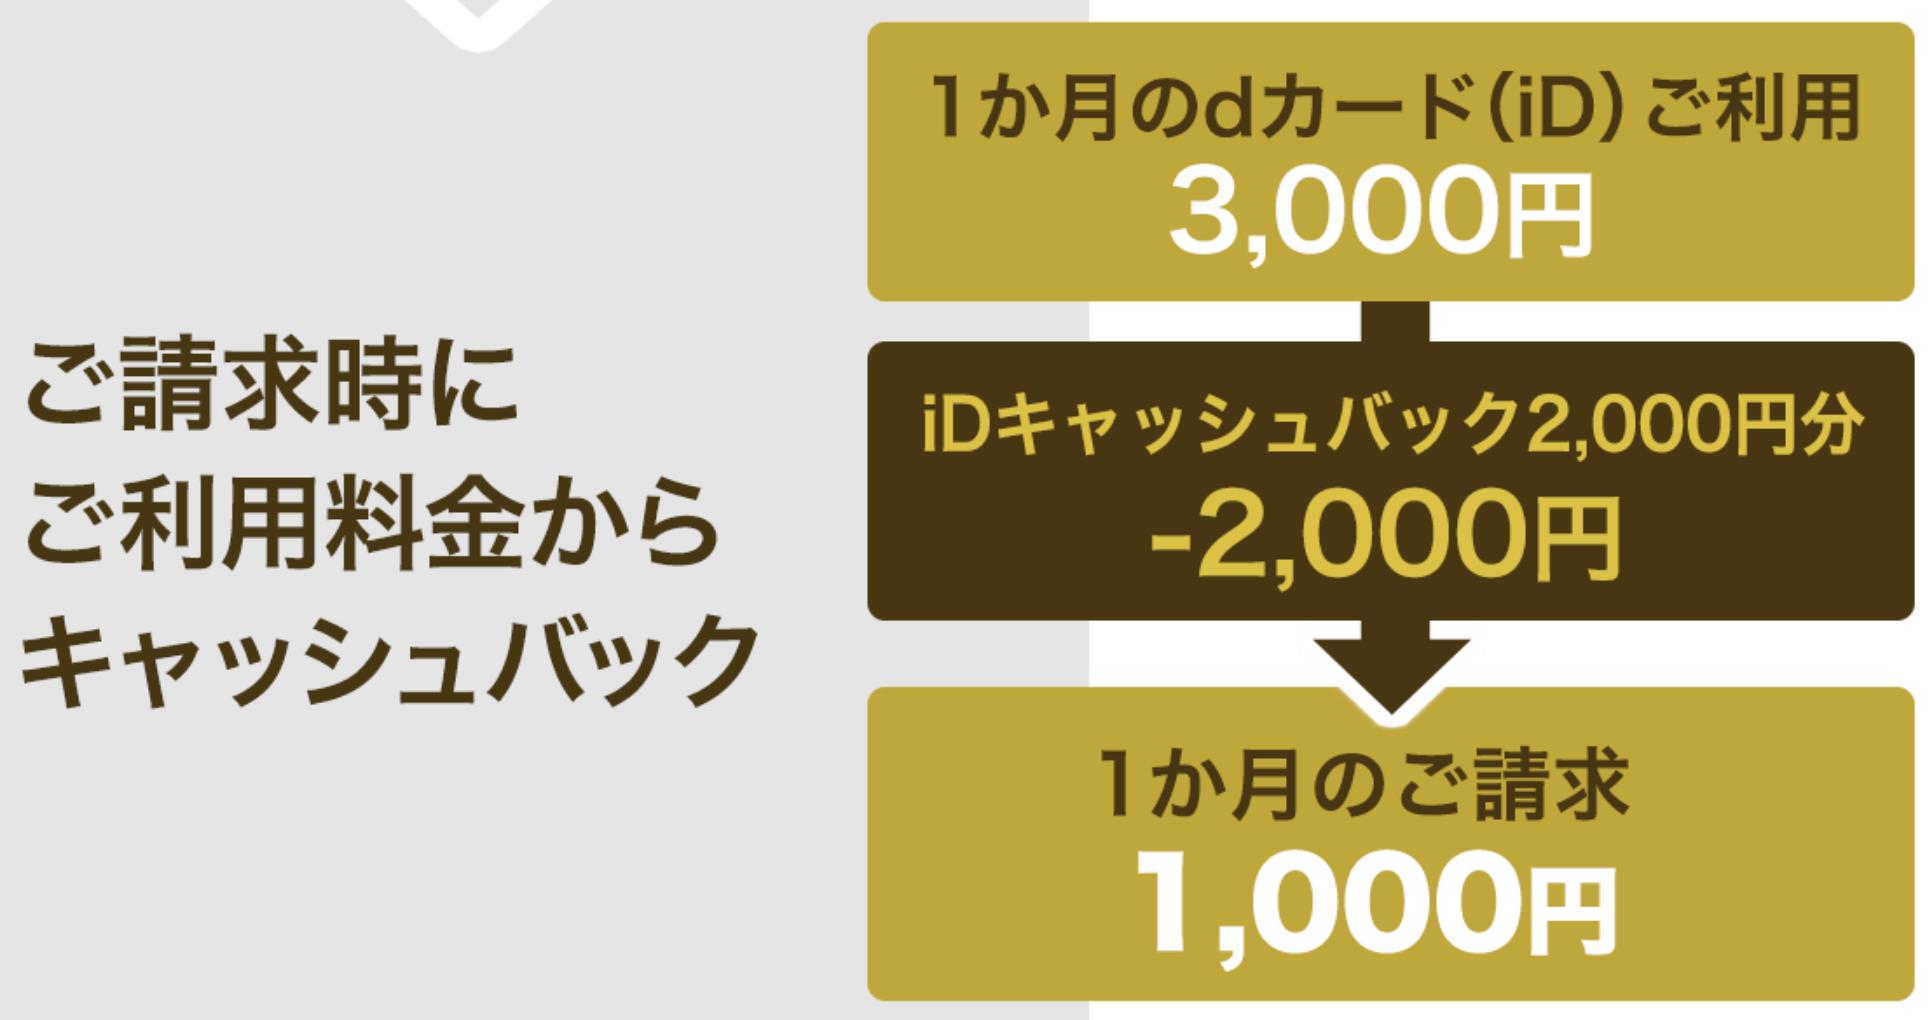 dカード GOLD入会キャンペーンのiDキャッシュバックの図解